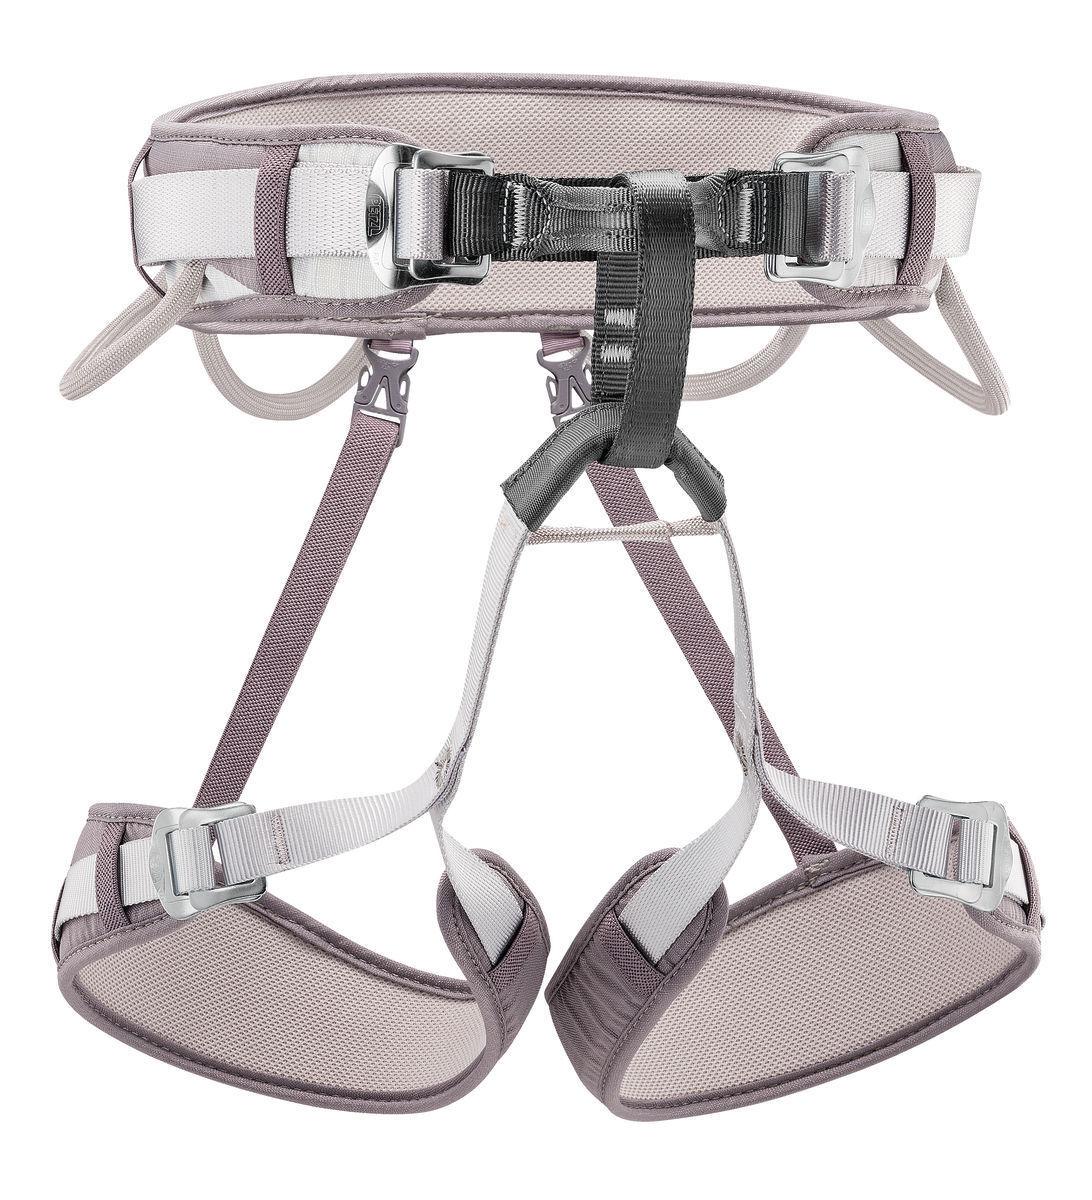 Corax vielseitig and einstellbar einstellbar einstellbar harness Kabelbaum H mit Klettersteig PETZL 7ae26f